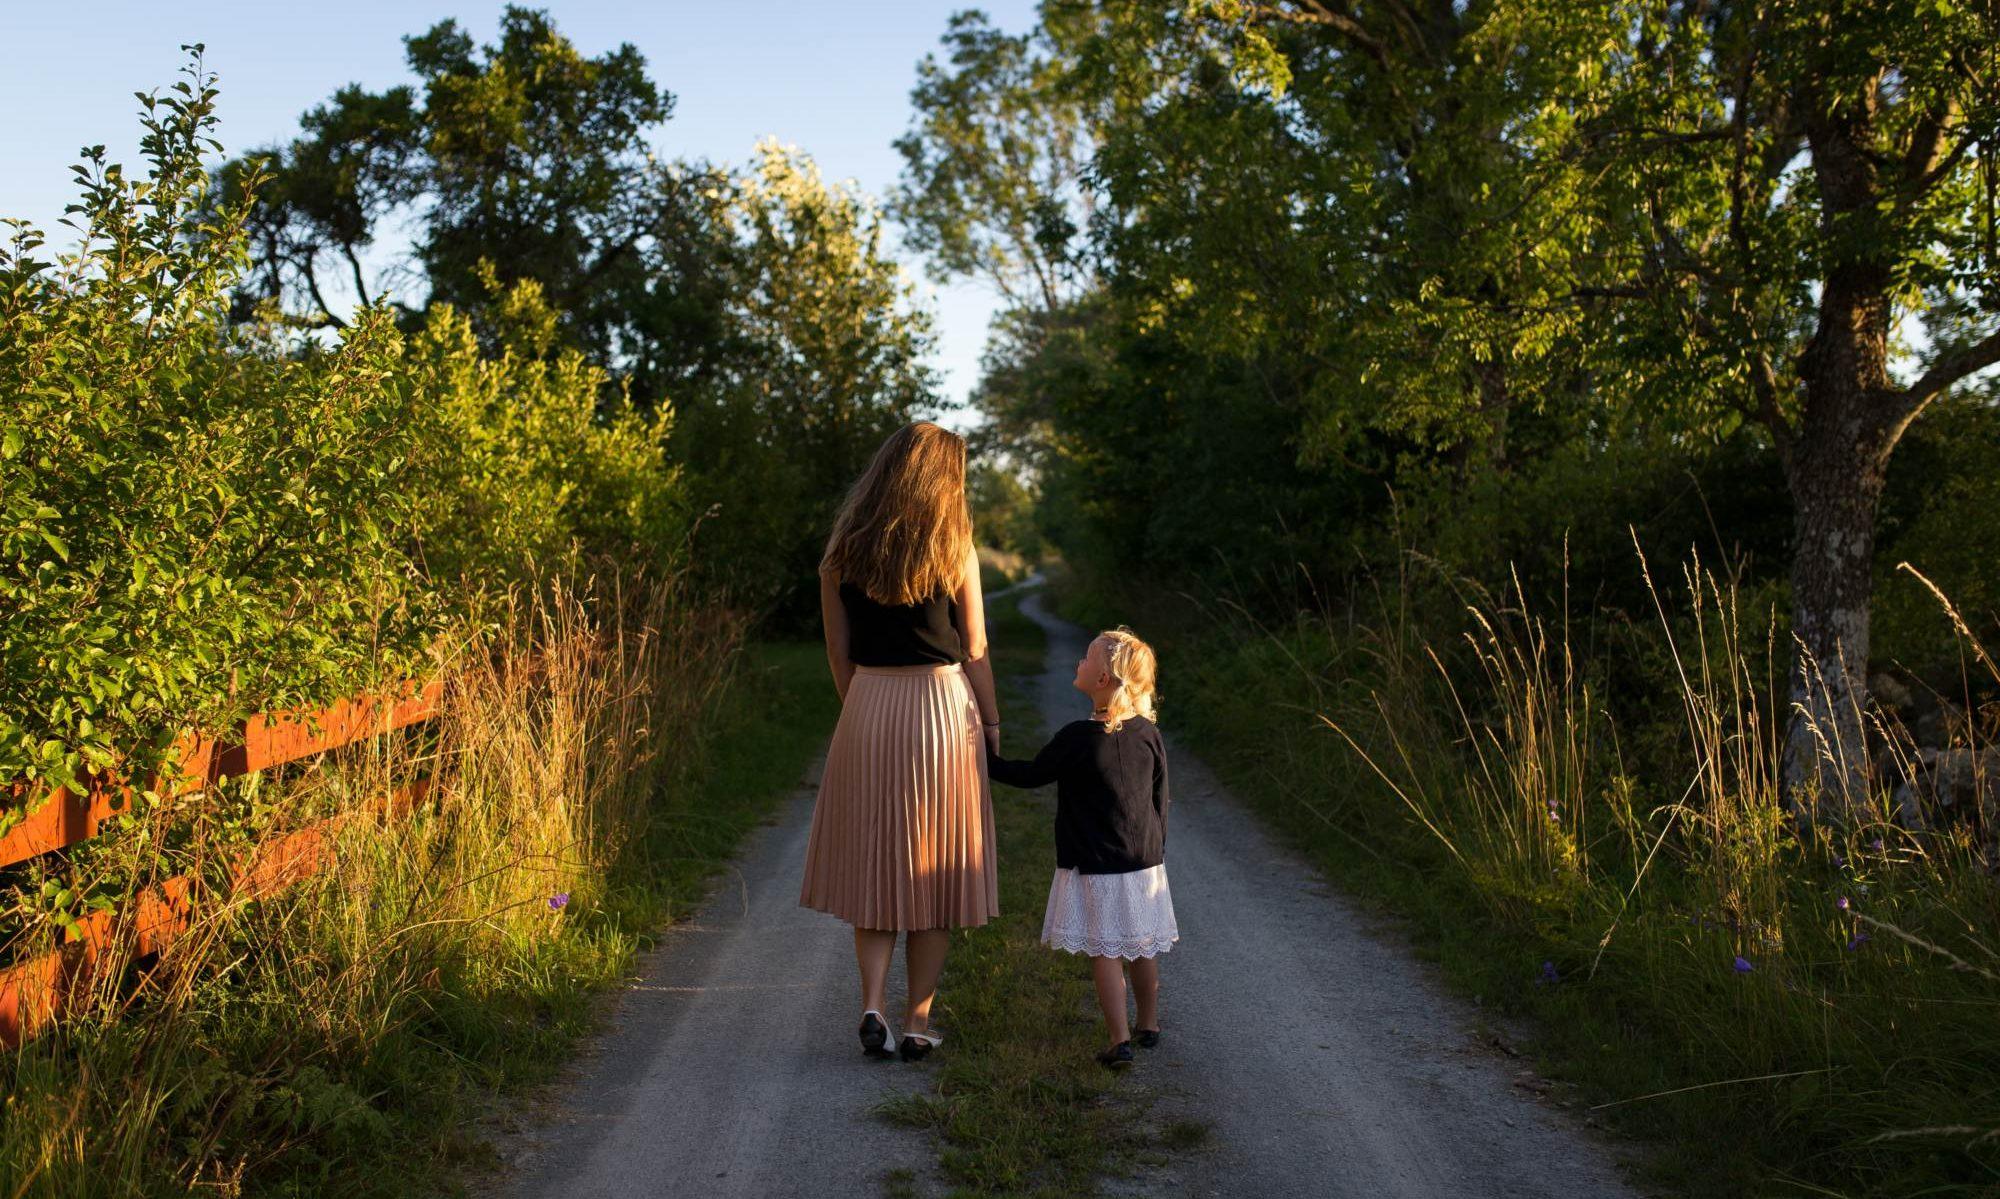 Dziecko - Rodzina przede wszystkim